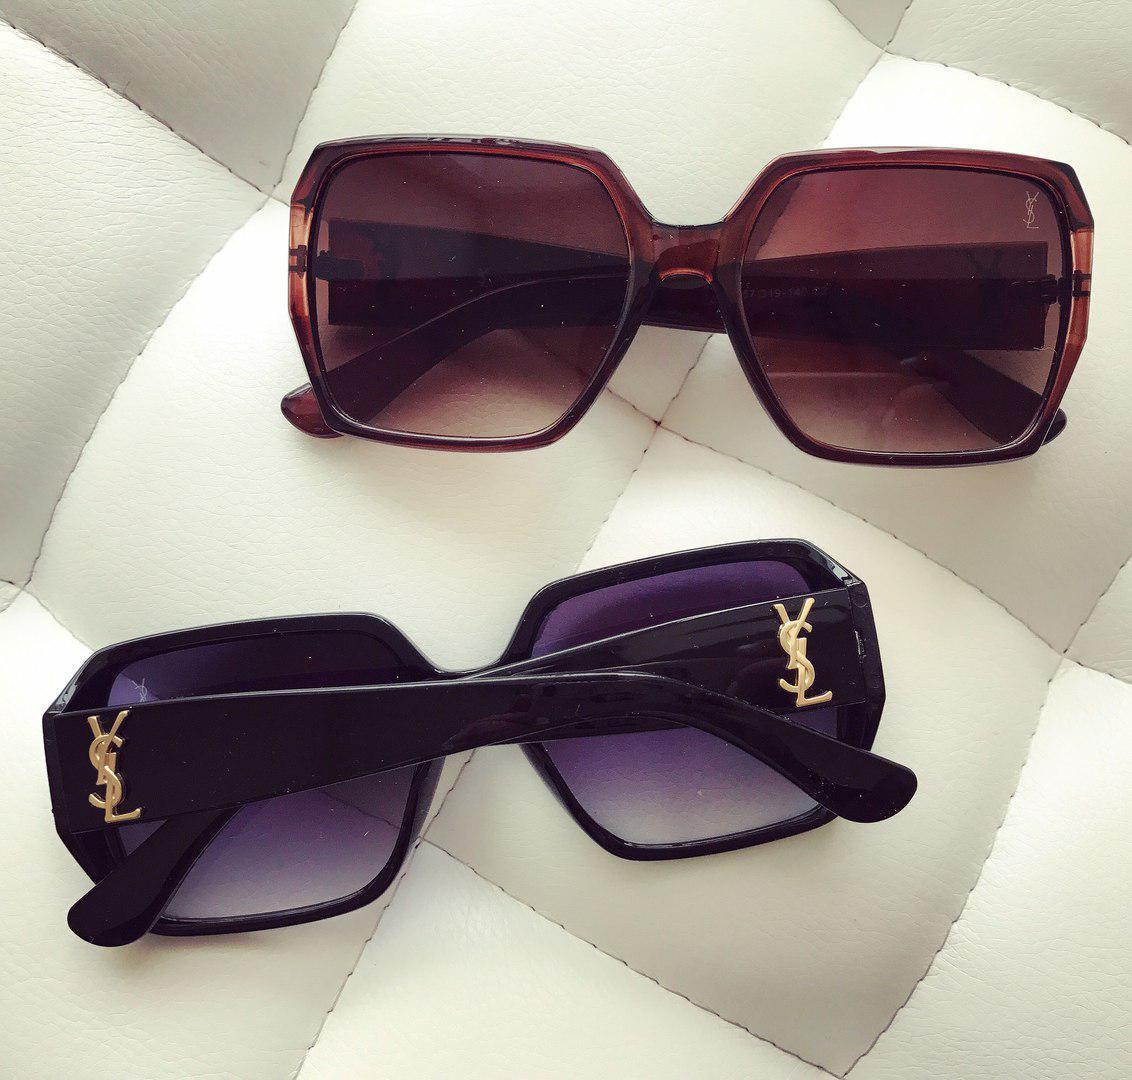 d28857220480 Супер новинка женские очки реплика YSL  заказ, цены в Харькове. солнцезащитные  очки от